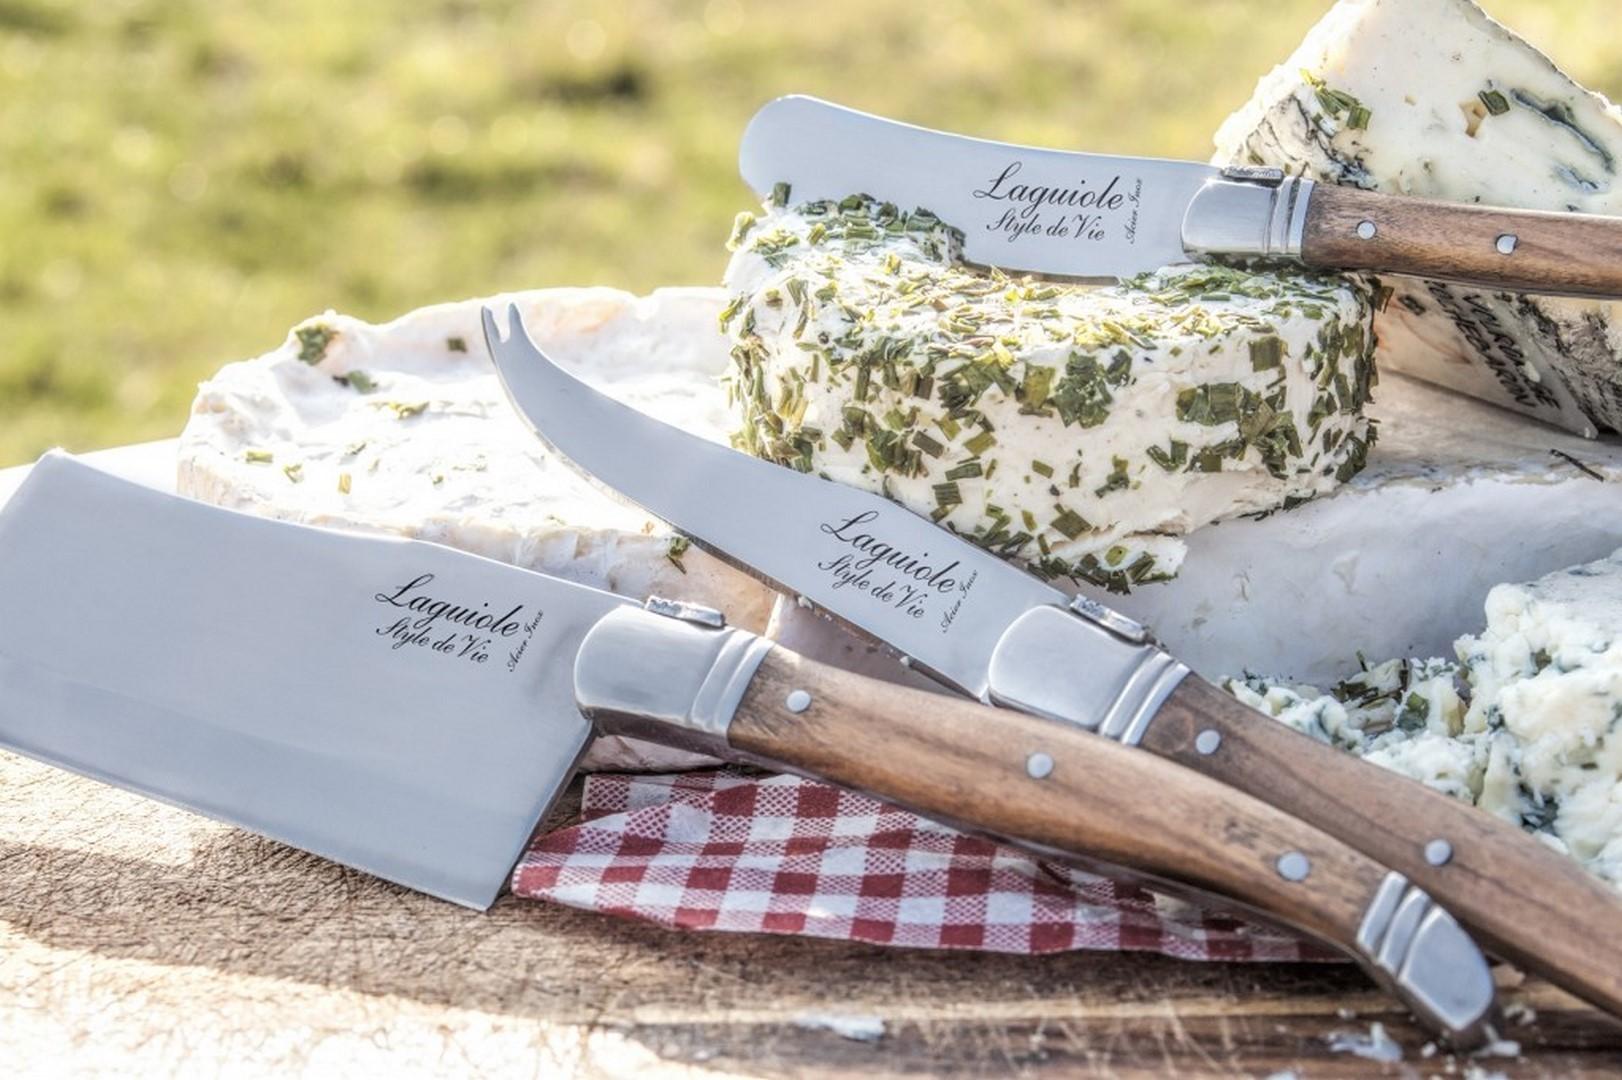 Sada nožov na syr Laguiole Luxury 3 ks olive